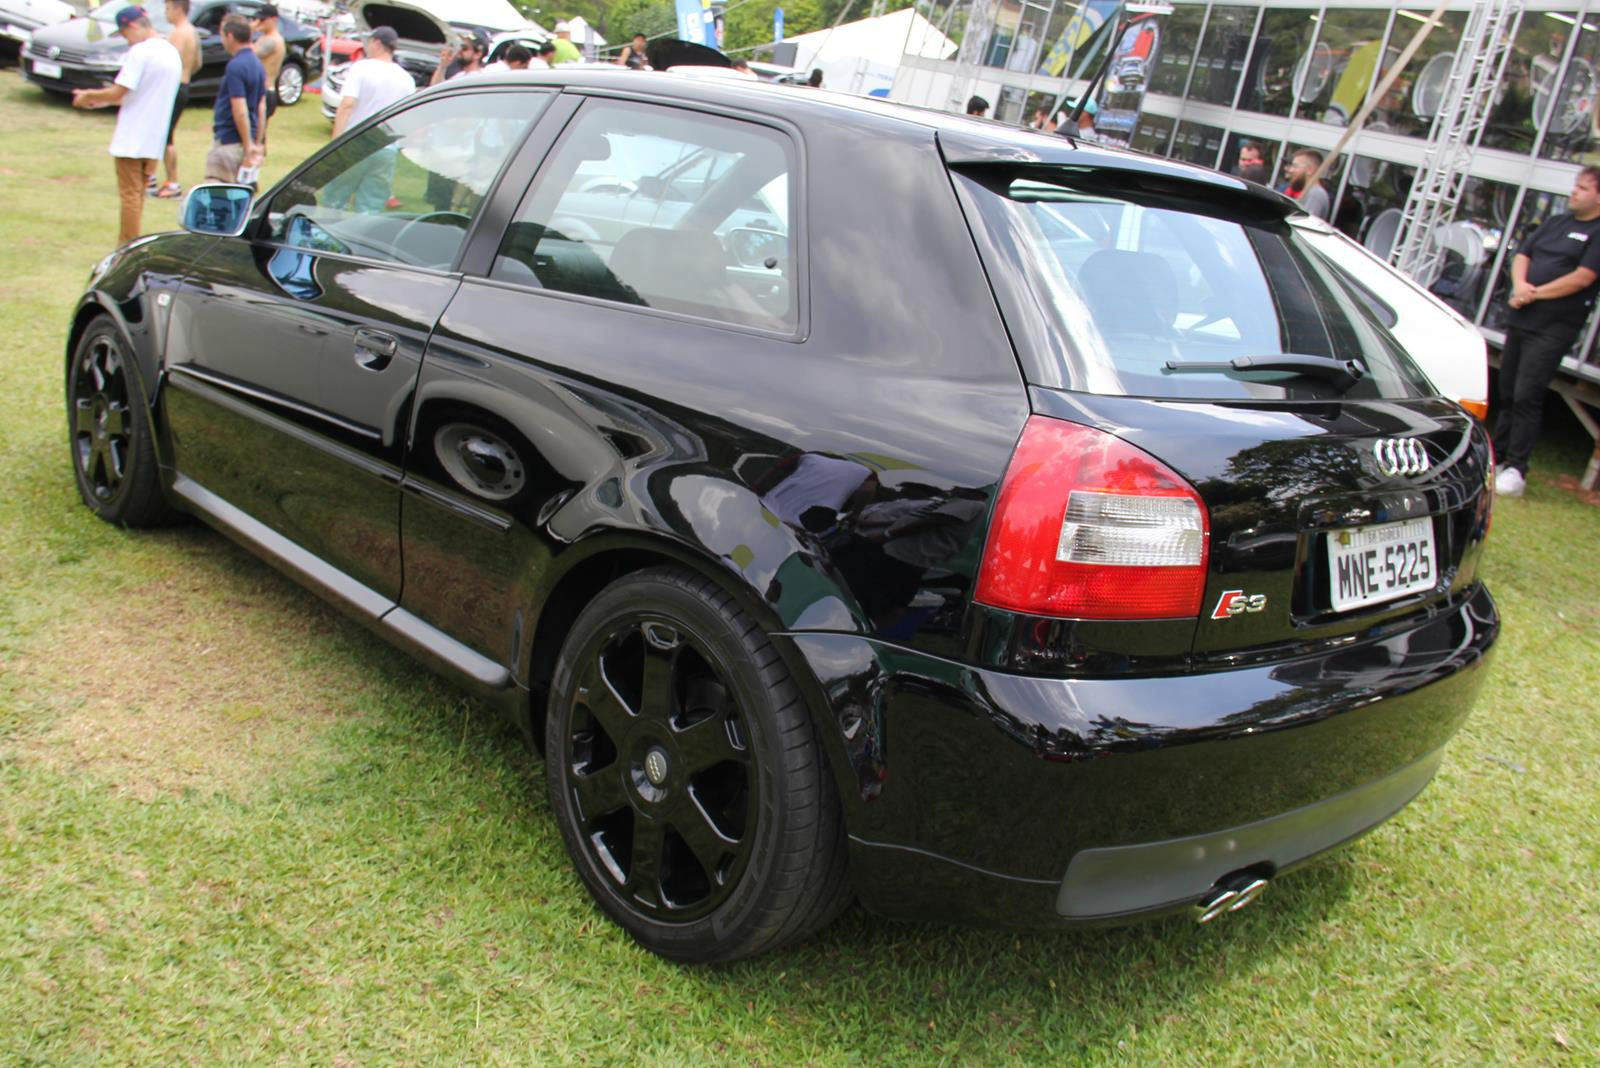 Com tração integral quattro, Audi S3 tinha motor 1.8 turbo de 210 cv